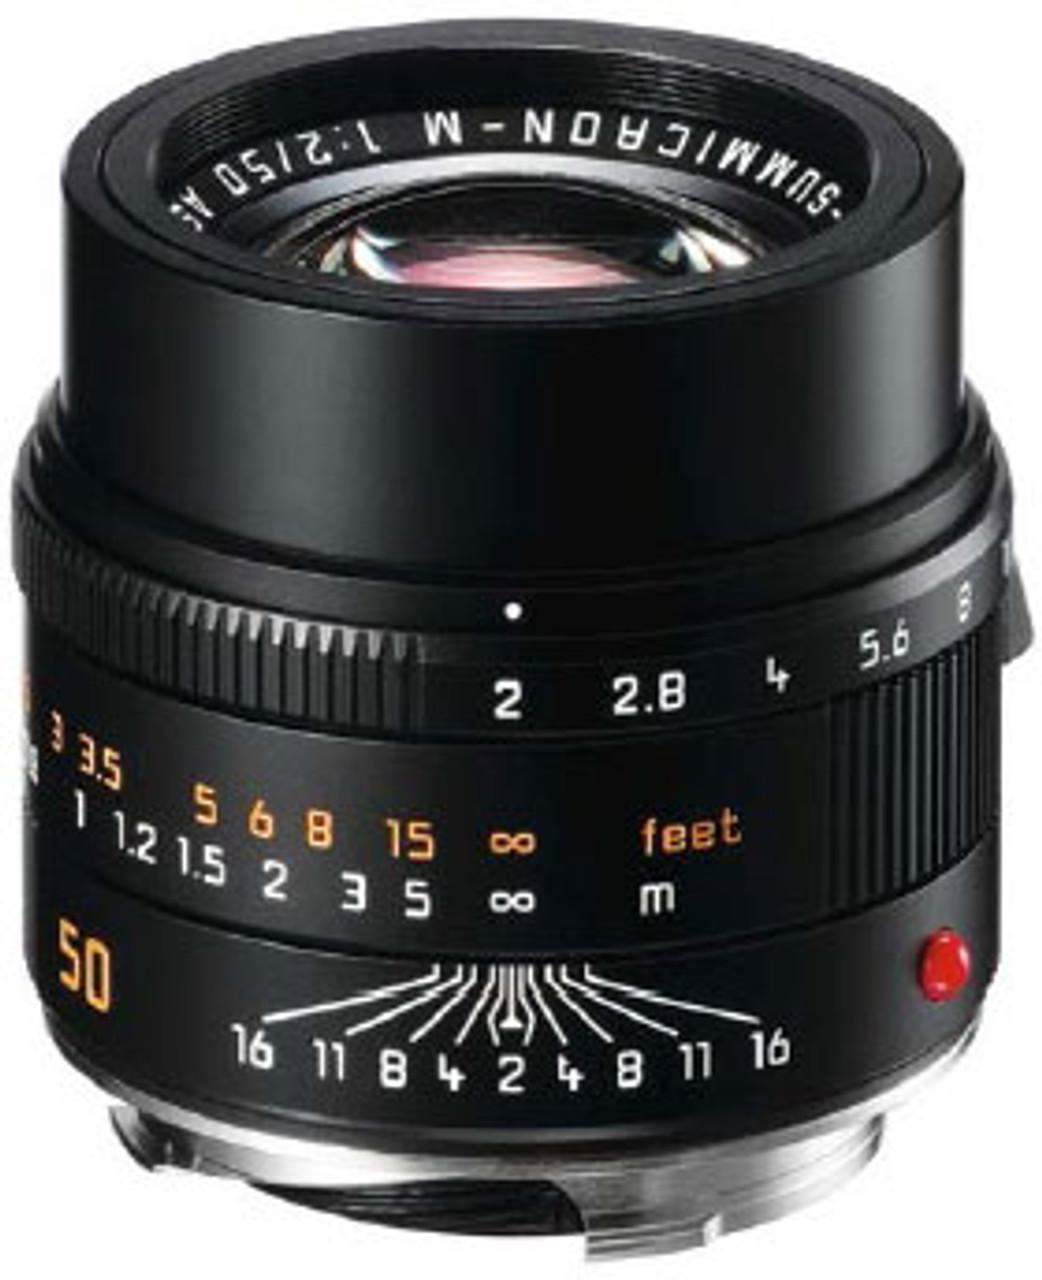 Leica APO-Summicron-M 50mm f/2 ASPH. Lens - Black